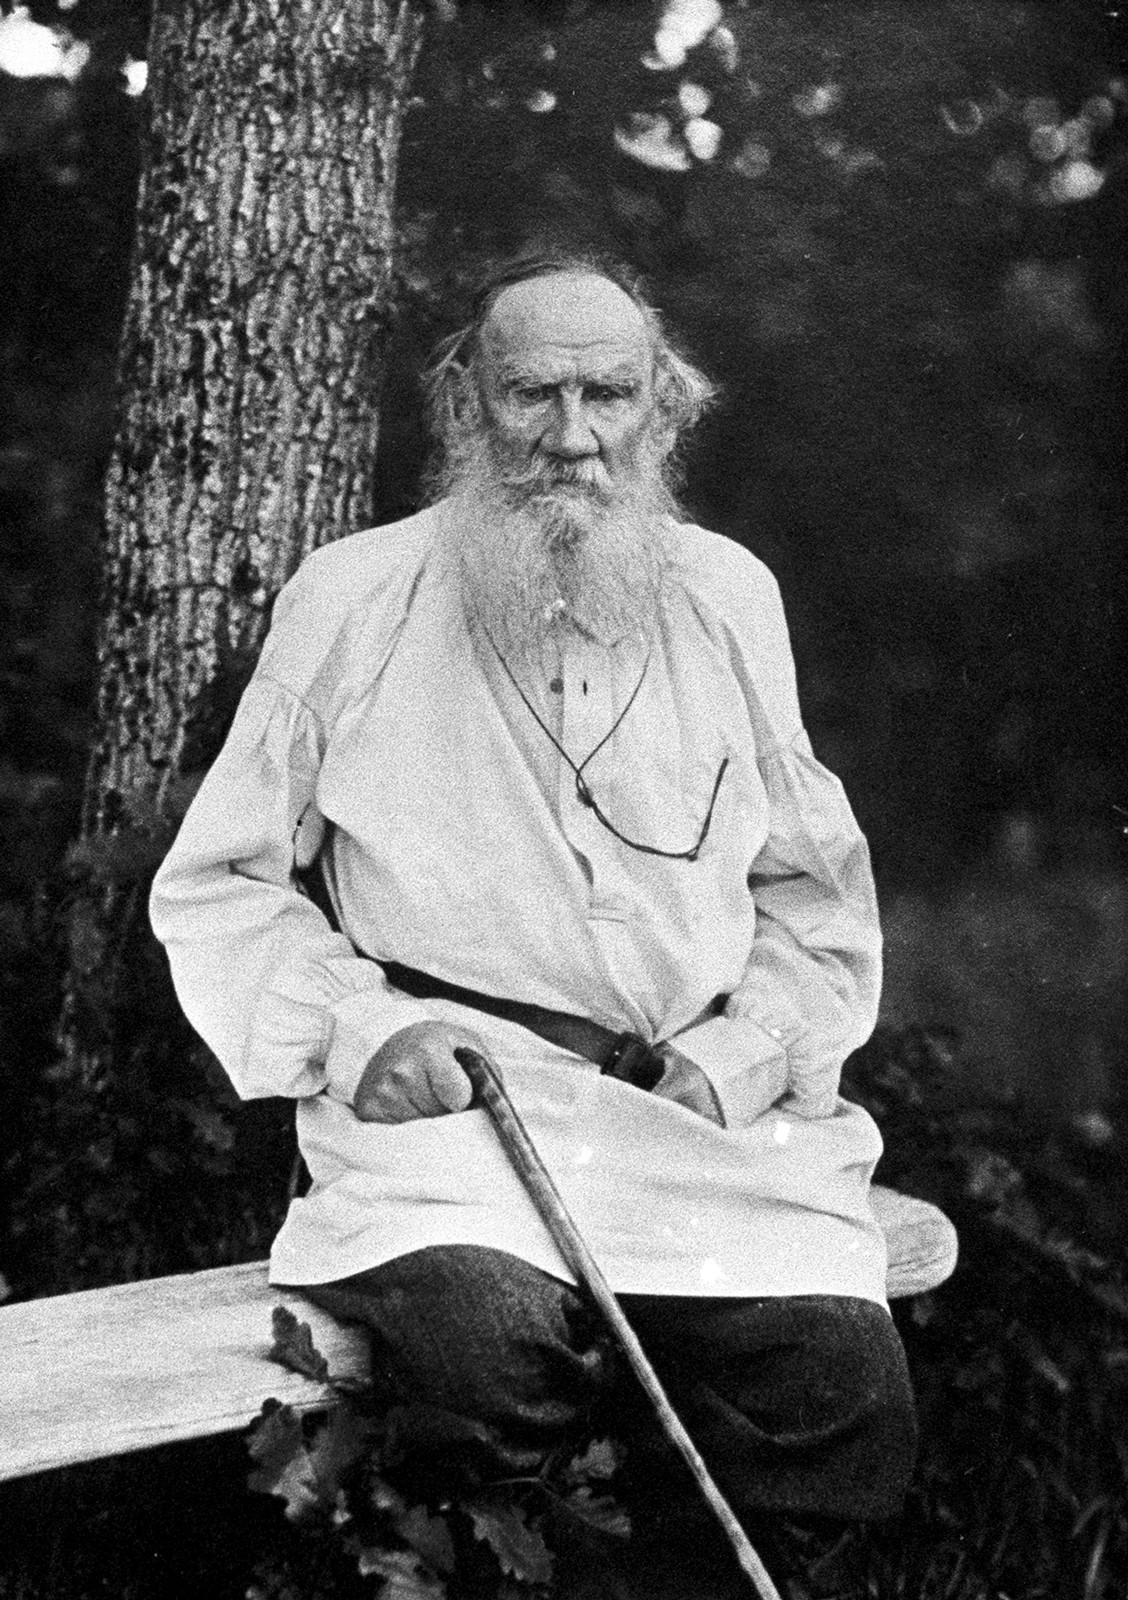 Влияние Льва Толстого в начале XX века сложно переоценить.